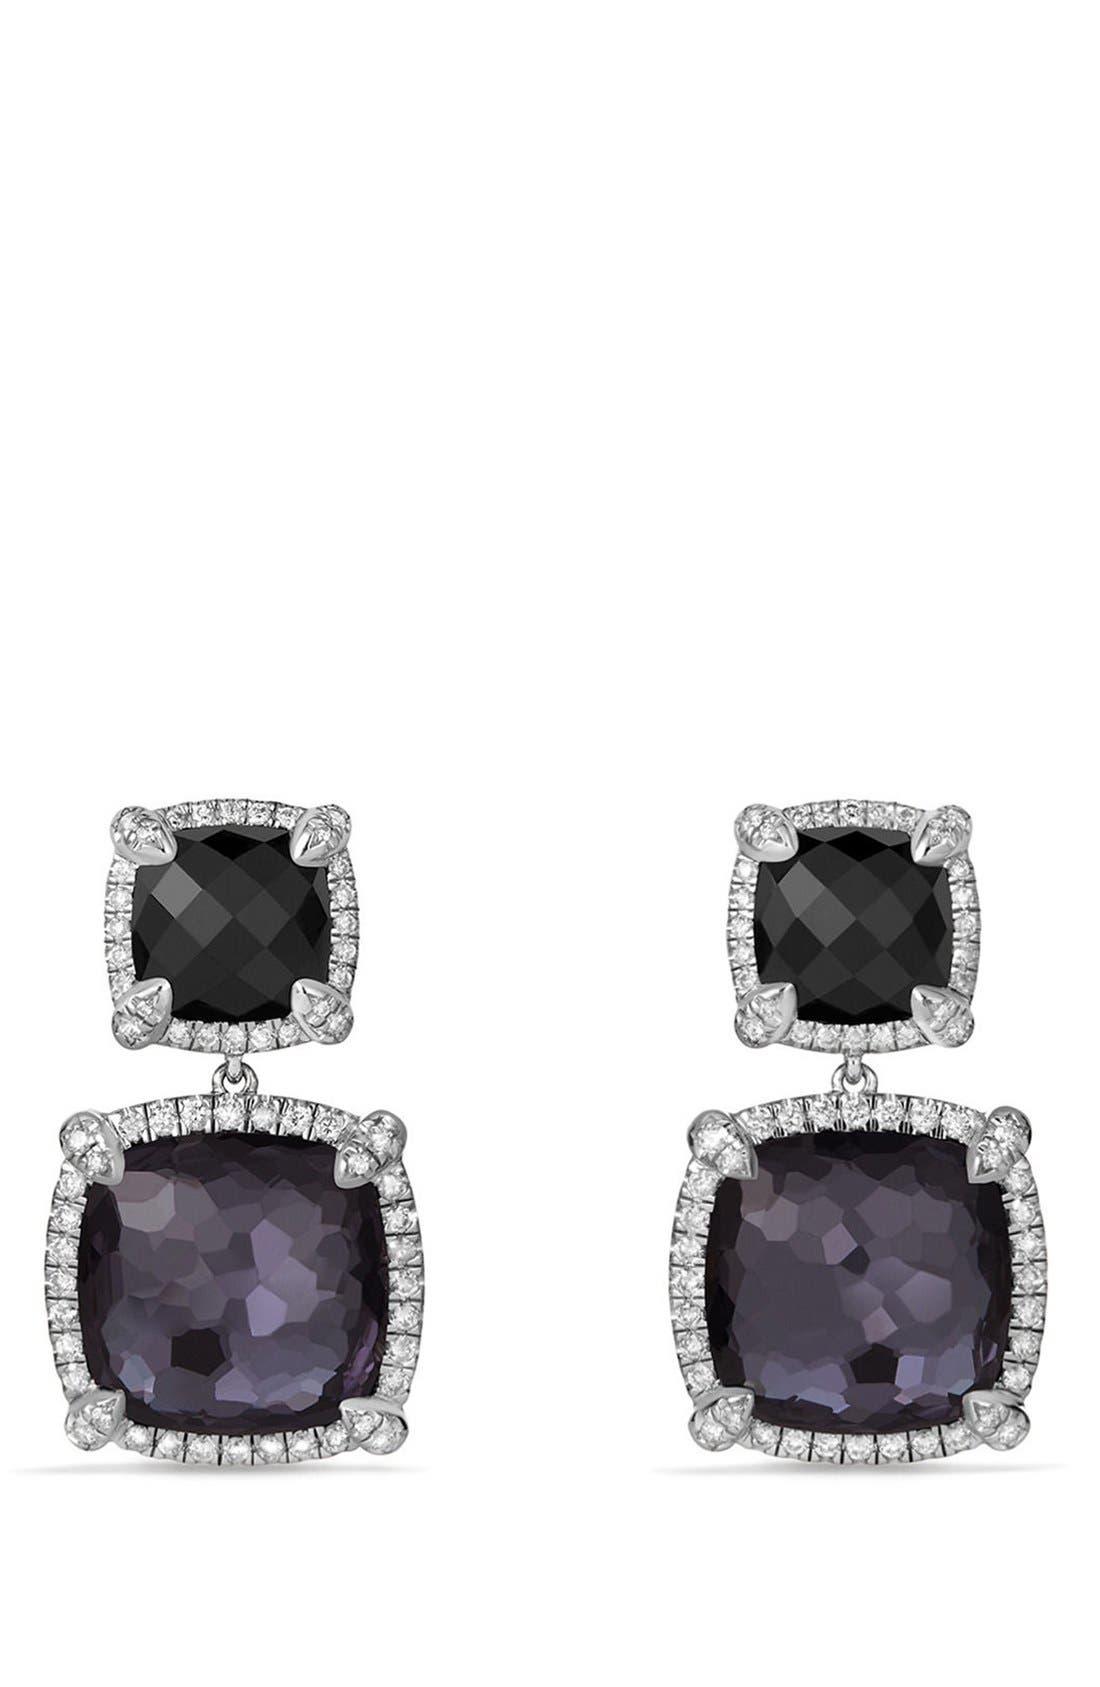 'Châtelaine' Pavé Bezel Double Drop Earrings with Diamonds,                         Main,                         color, BLACK ONYX